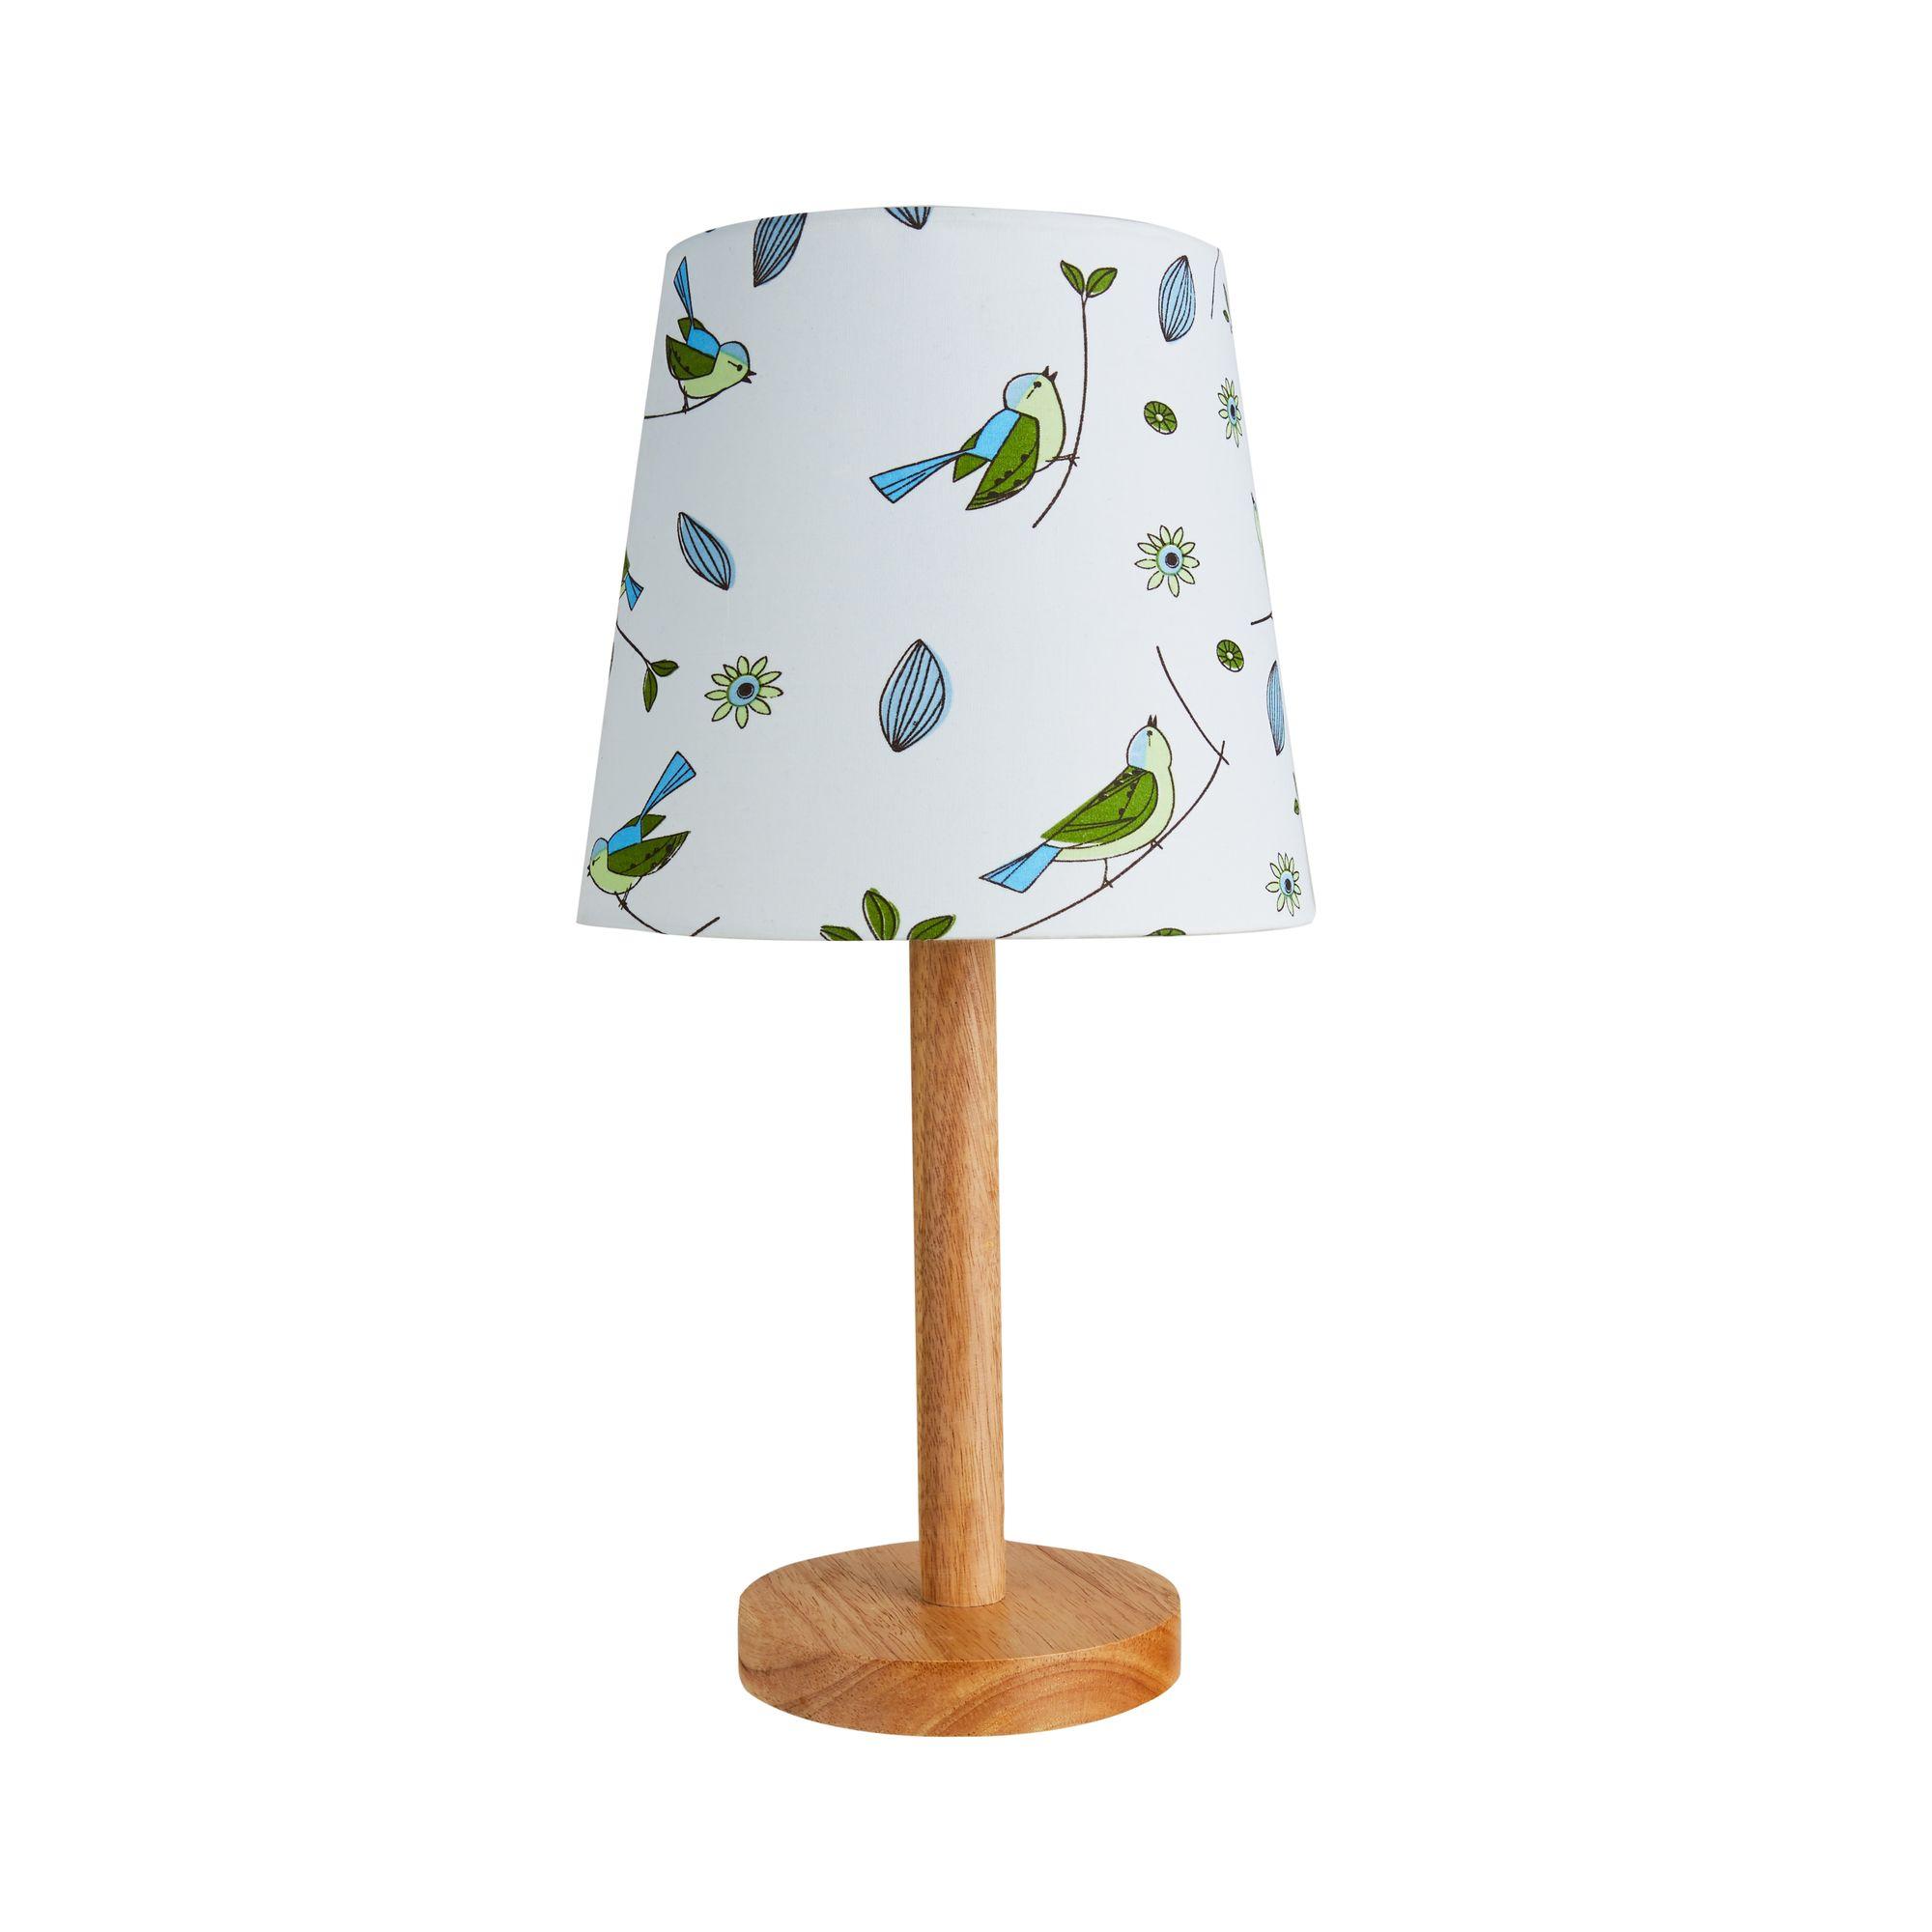 Hellgrau Weiß Und Holz Sind Erfrischend Natürlich: Cute Bird Lamp Max.20W E27 Weiß/Holz/Stoffschirm